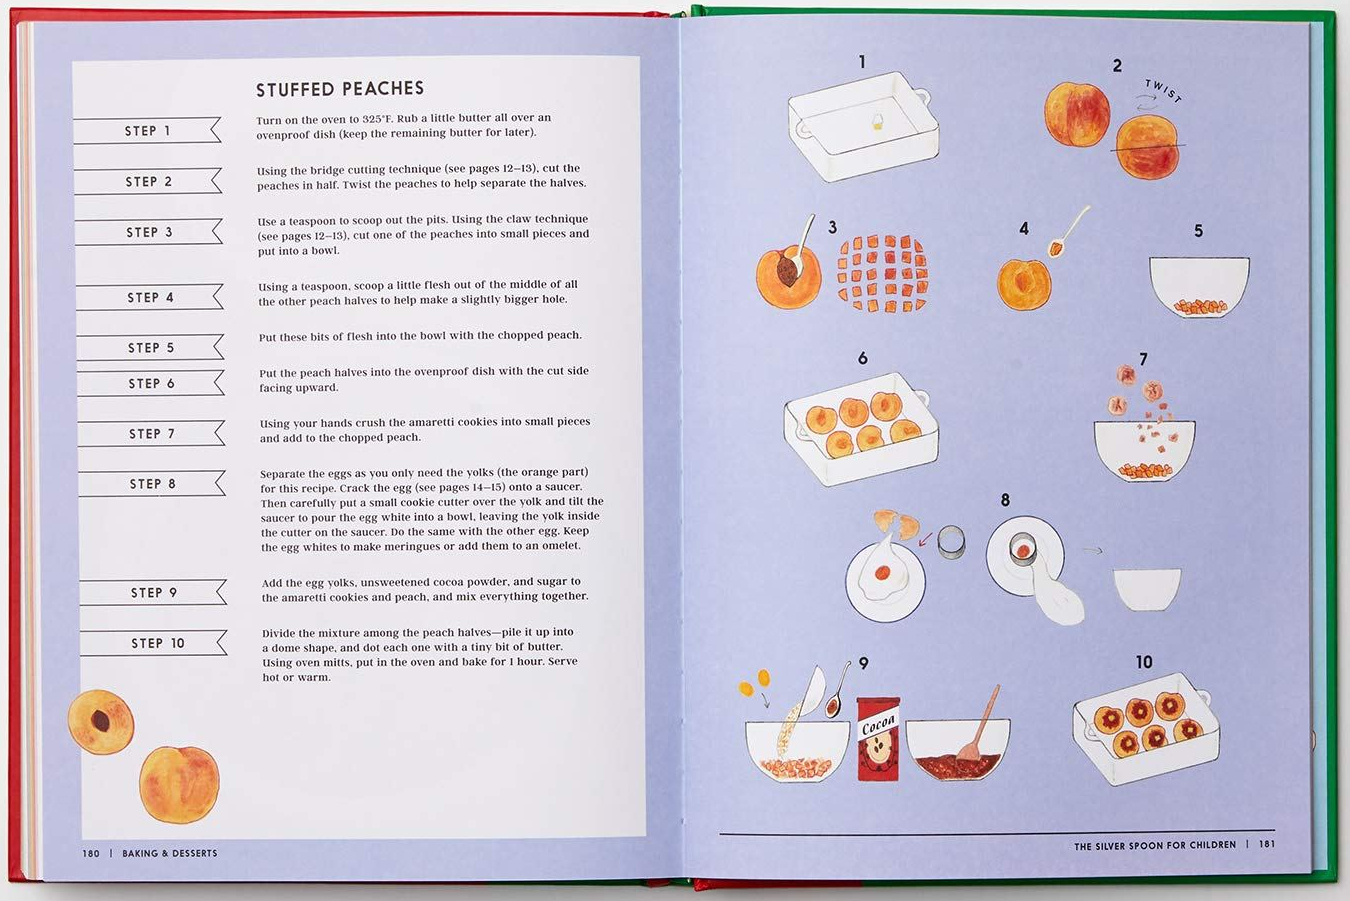 celebrate-picture-books-picture-book-review-the-silver-spoon-recipes-for-children-peaches-recipe